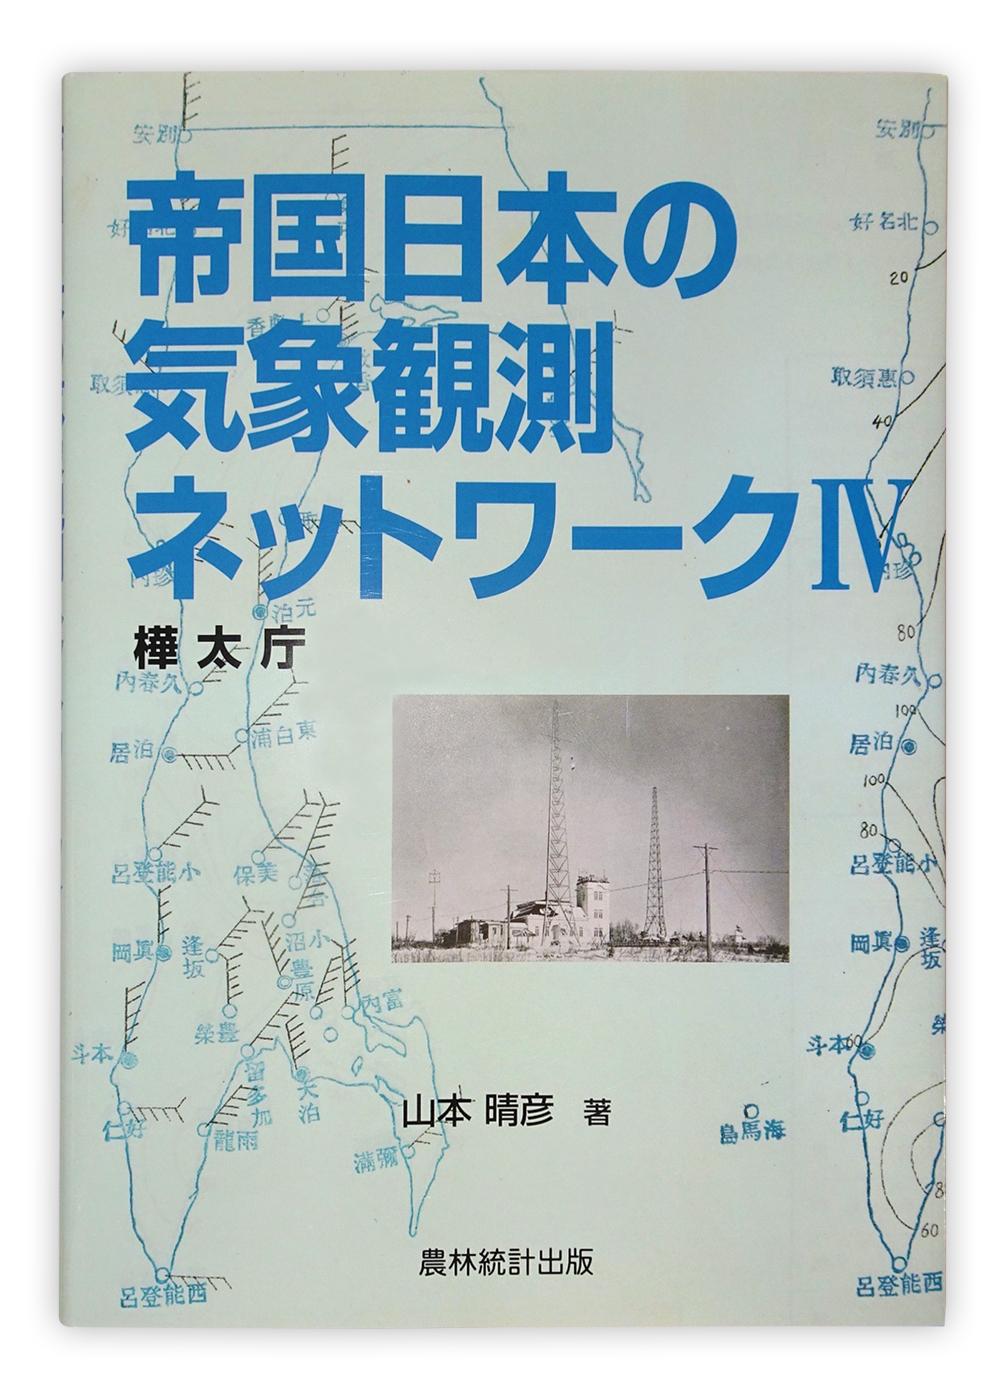 「帝国日本の気象観測ネットワーク IV」- 樺太庁